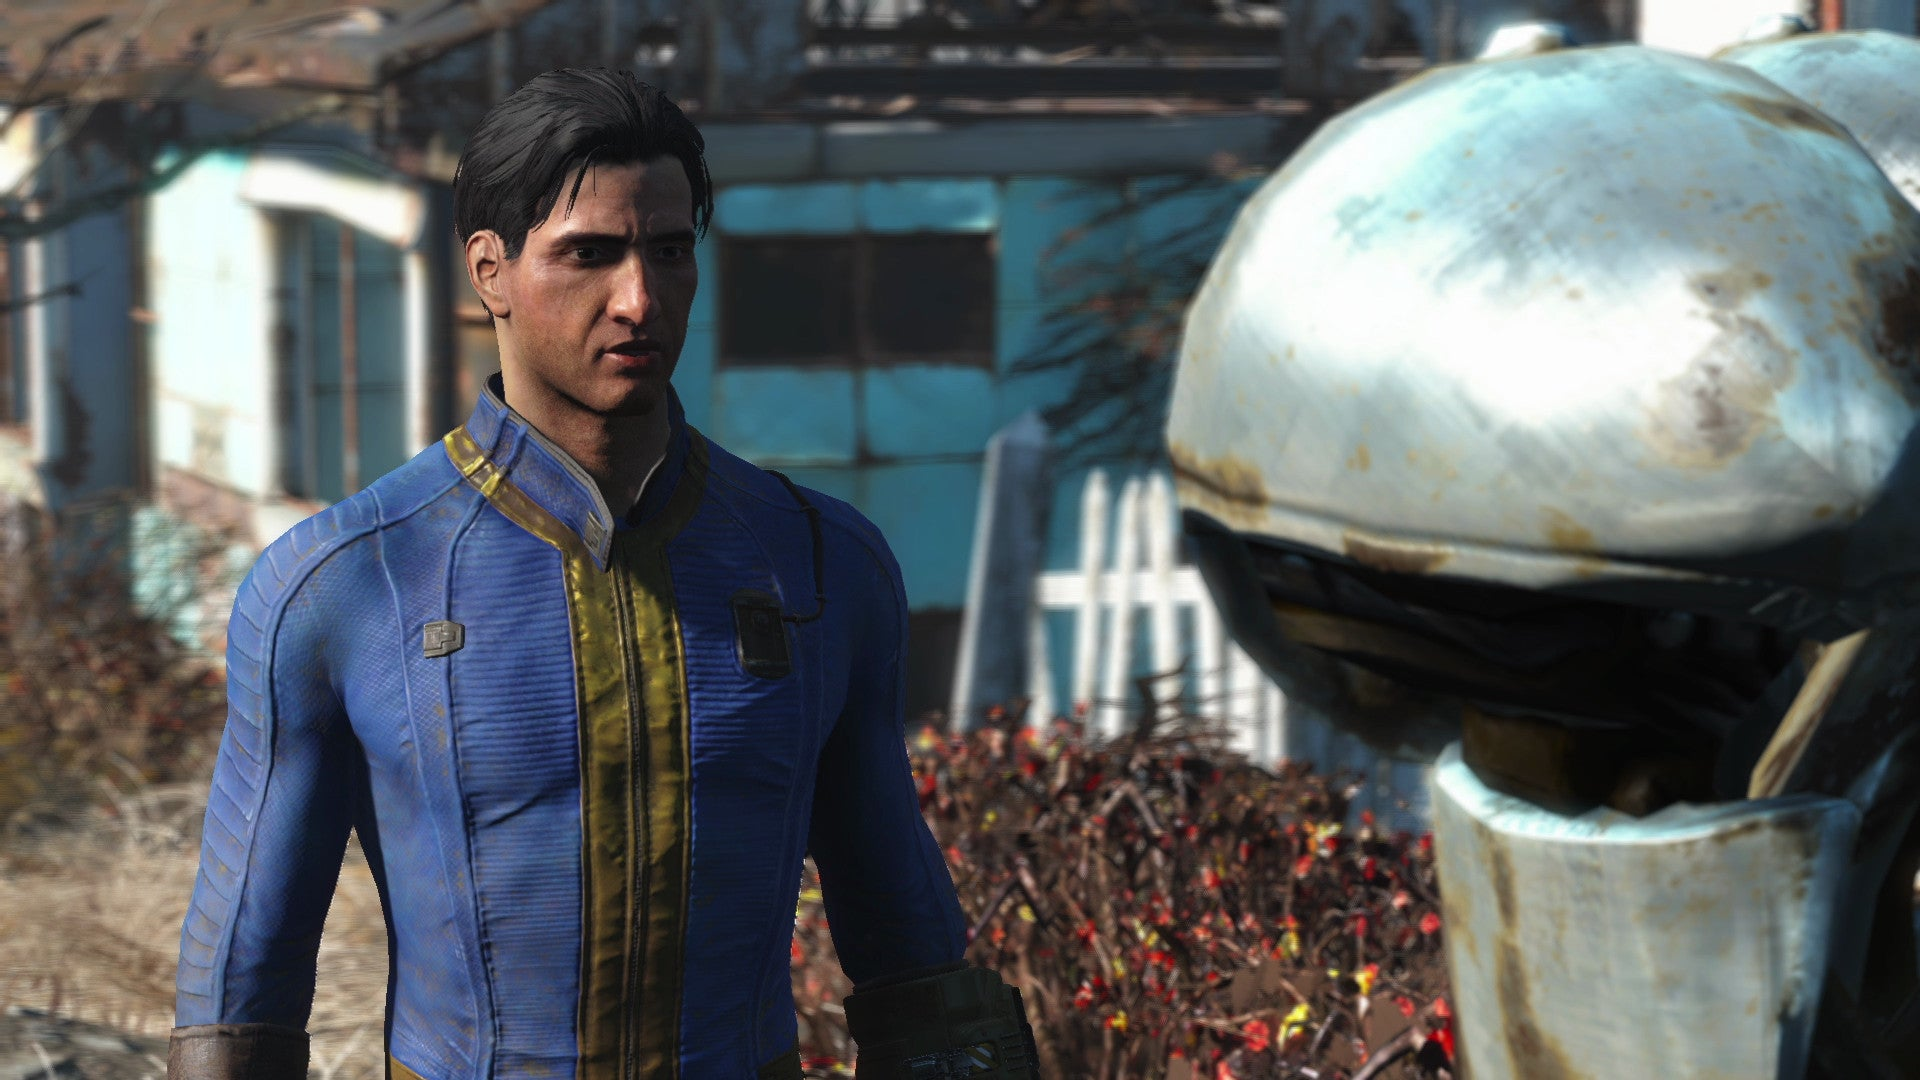 bethesda bethesda-game-studios fallout fallout-76 feature